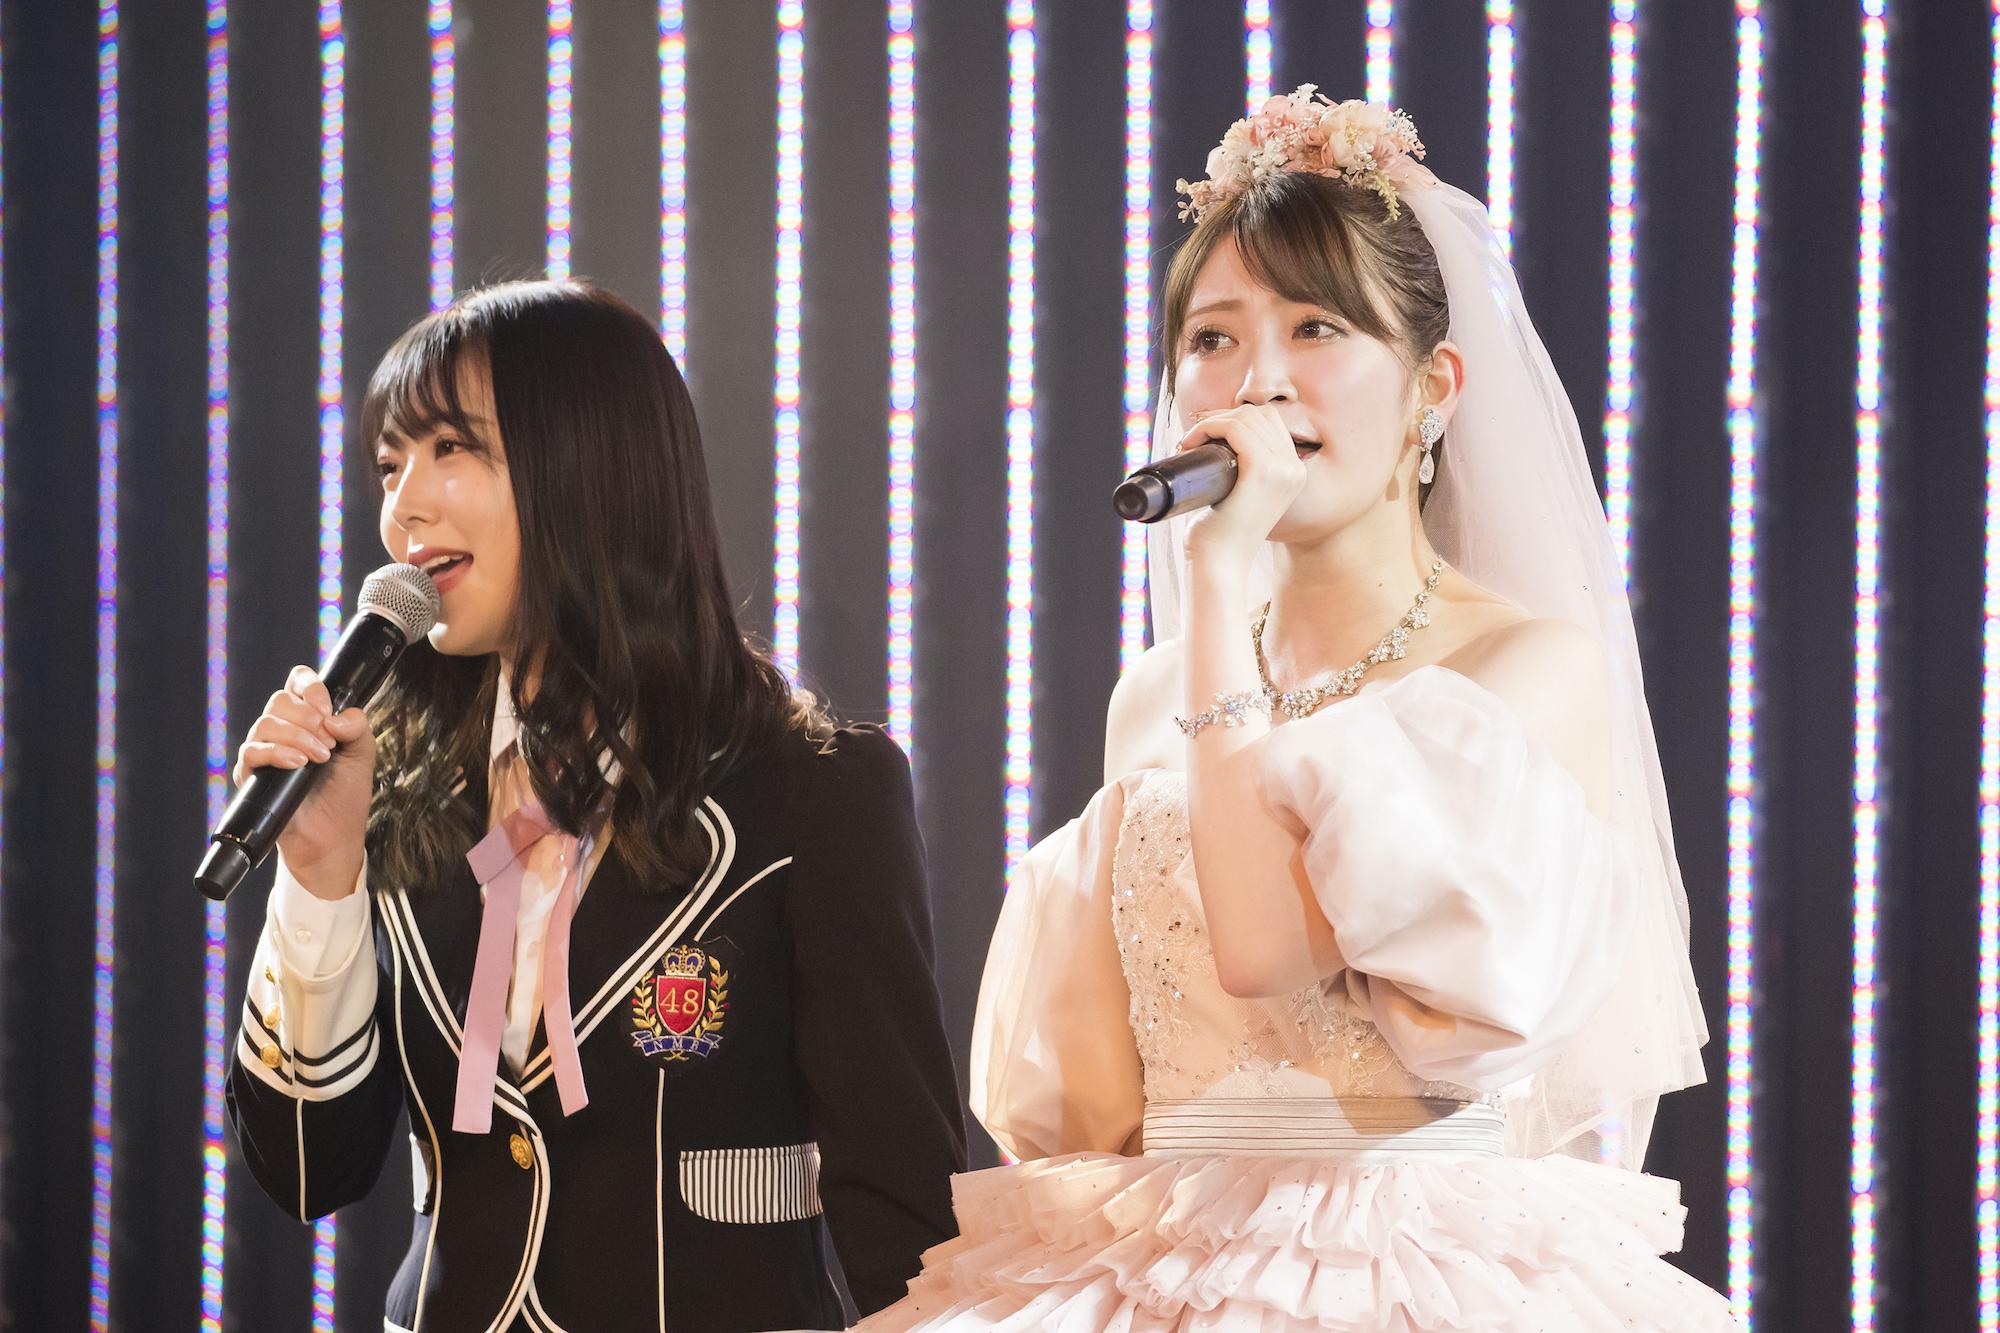 吉田朱里/12月21日、NMB48劇場での卒業公演にて